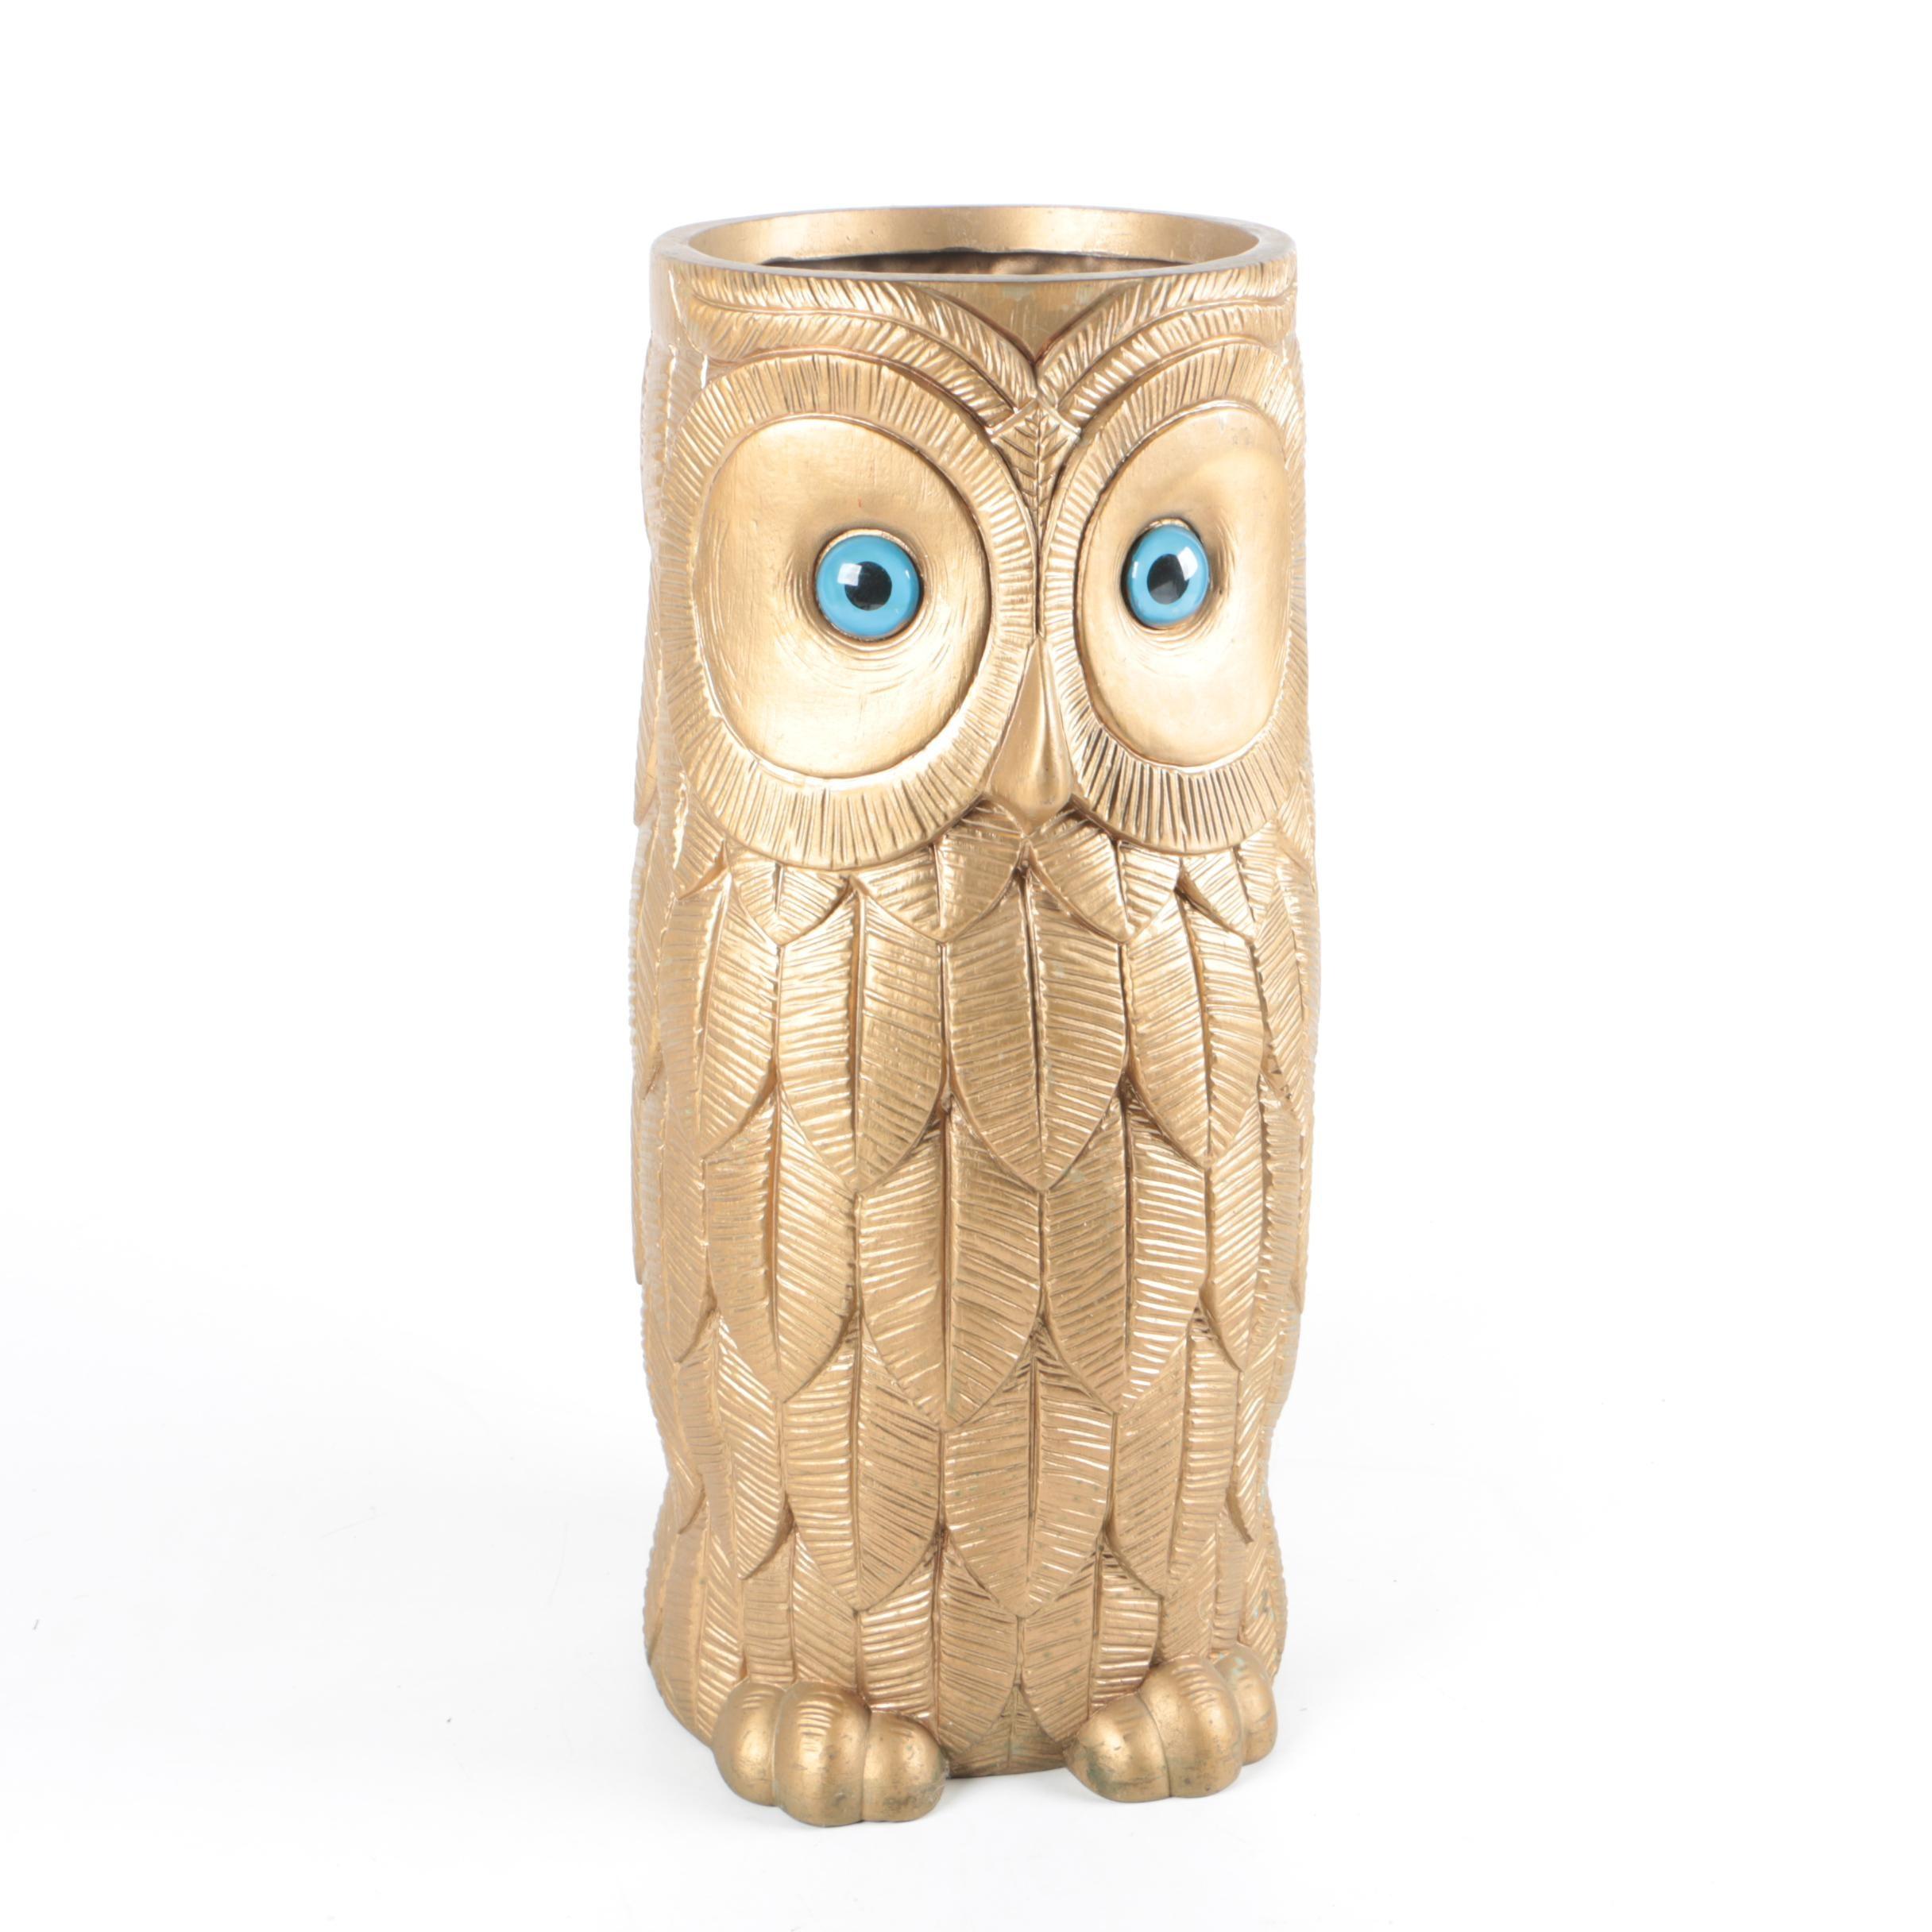 Burwood Plastic Owl Vase